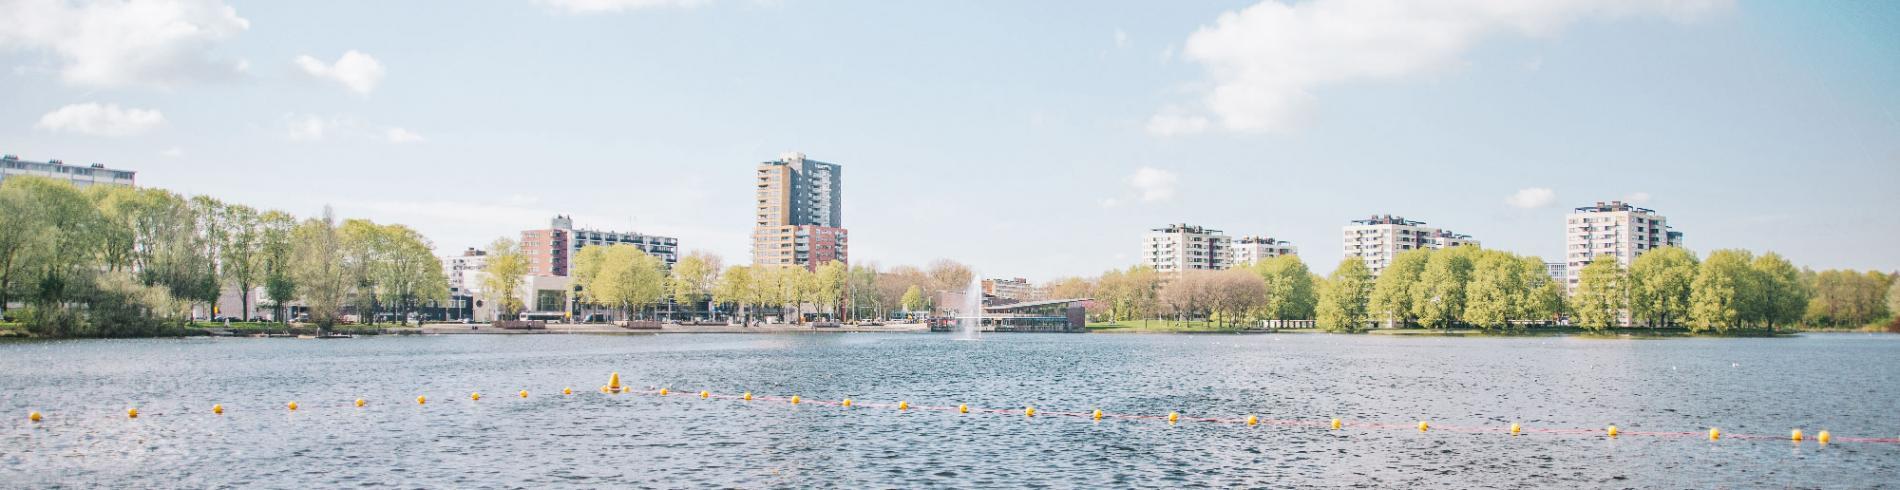 The lake at Sloterplas